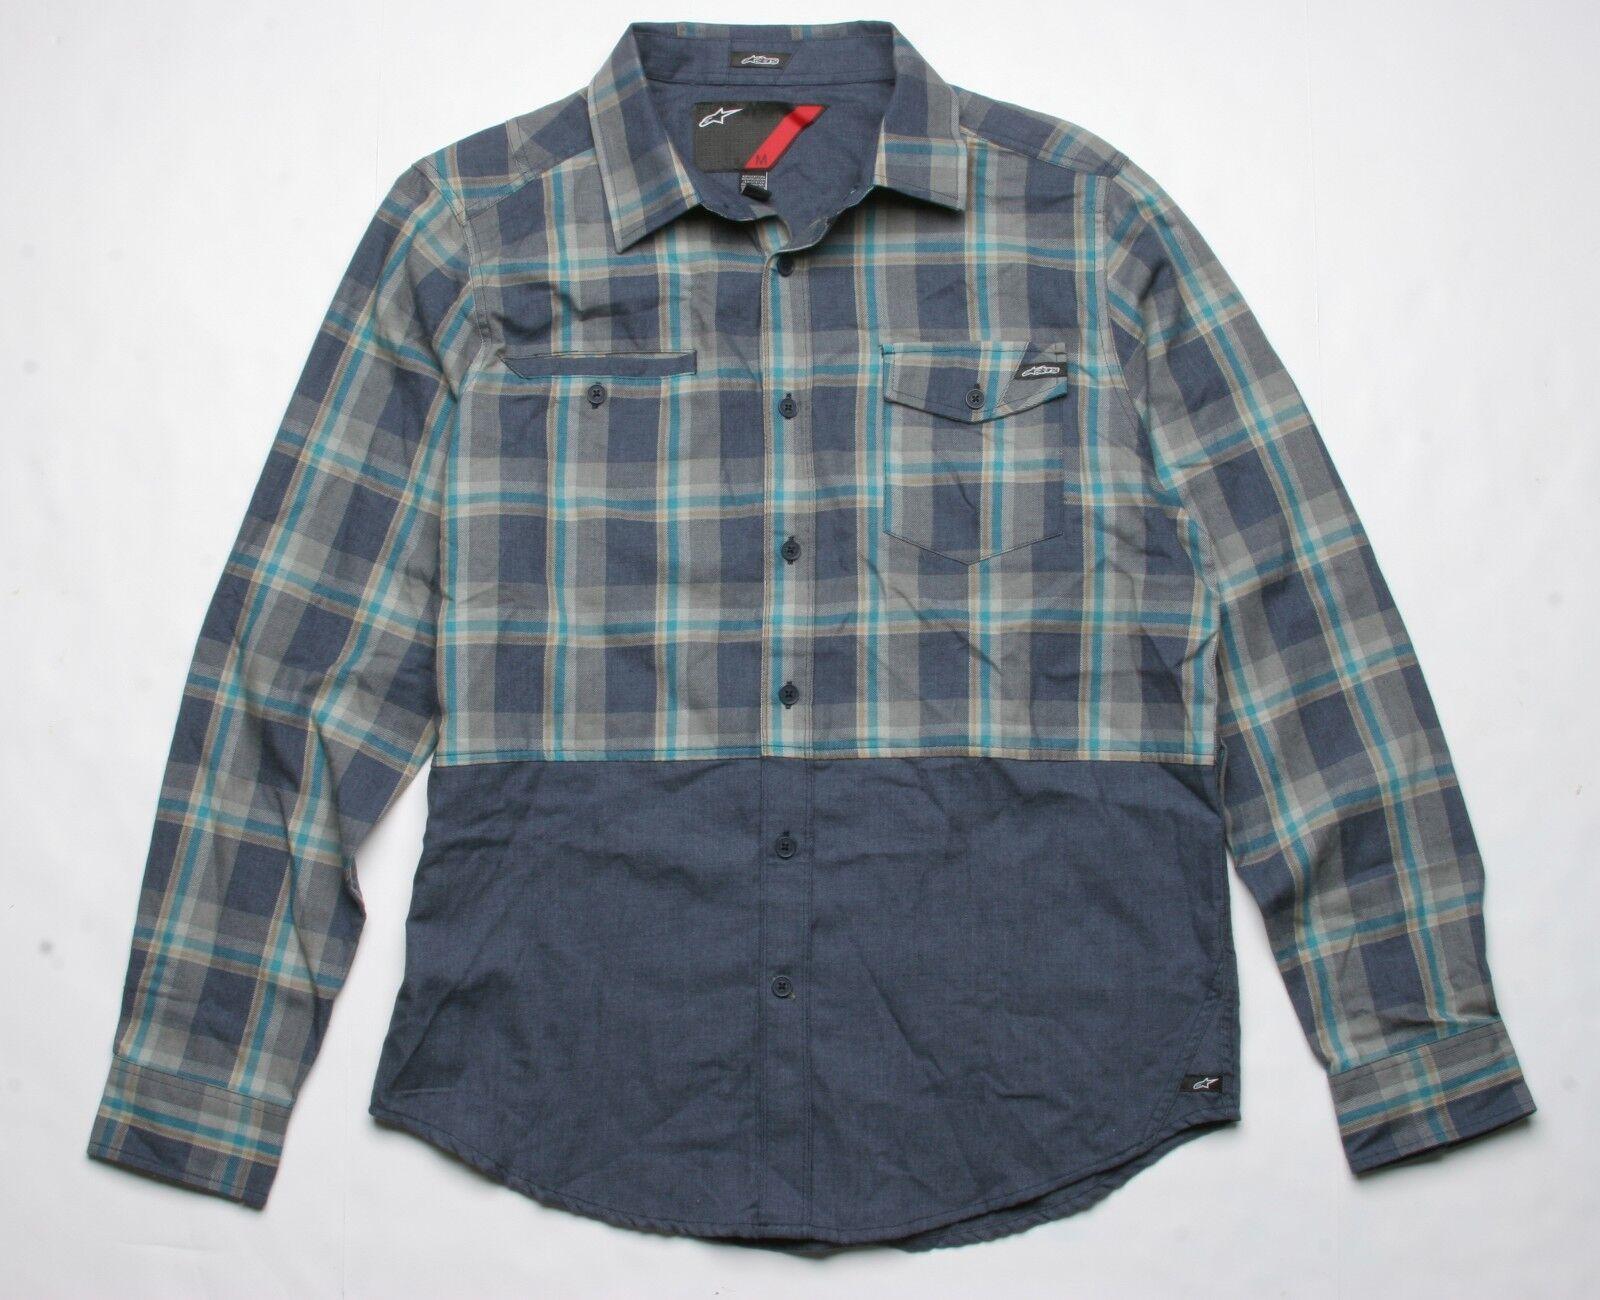 Alpinestars Centaur Long Sleeve Shirt (M) Navy